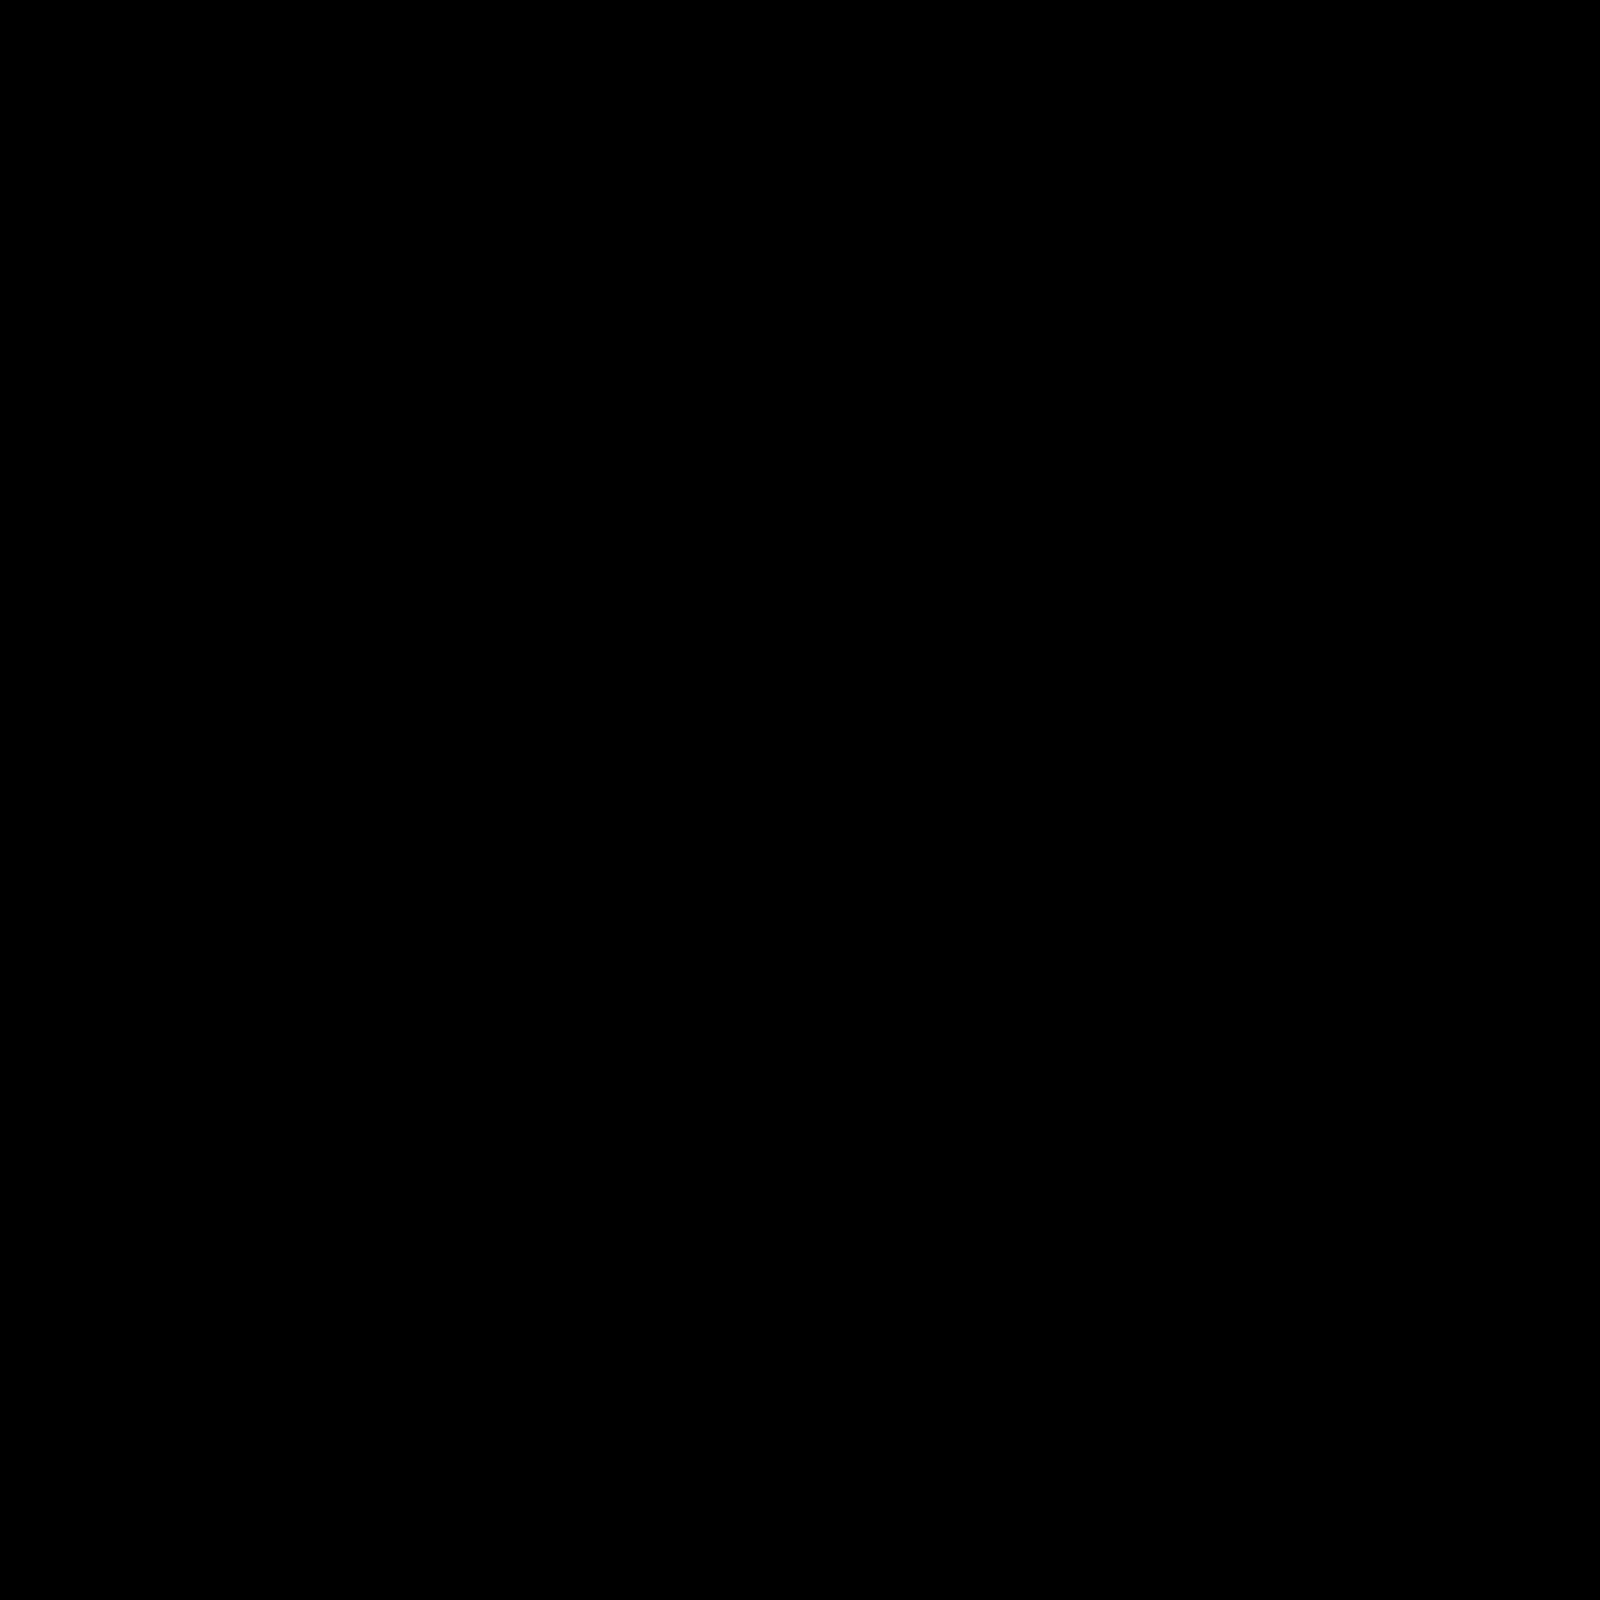 蛍光ペン icon. It's a logo for a chisel tipped marker that shows only part of the marker. The chisel is present as well as the base of the marker. There are two lines at the base of the marker that make a stripe.